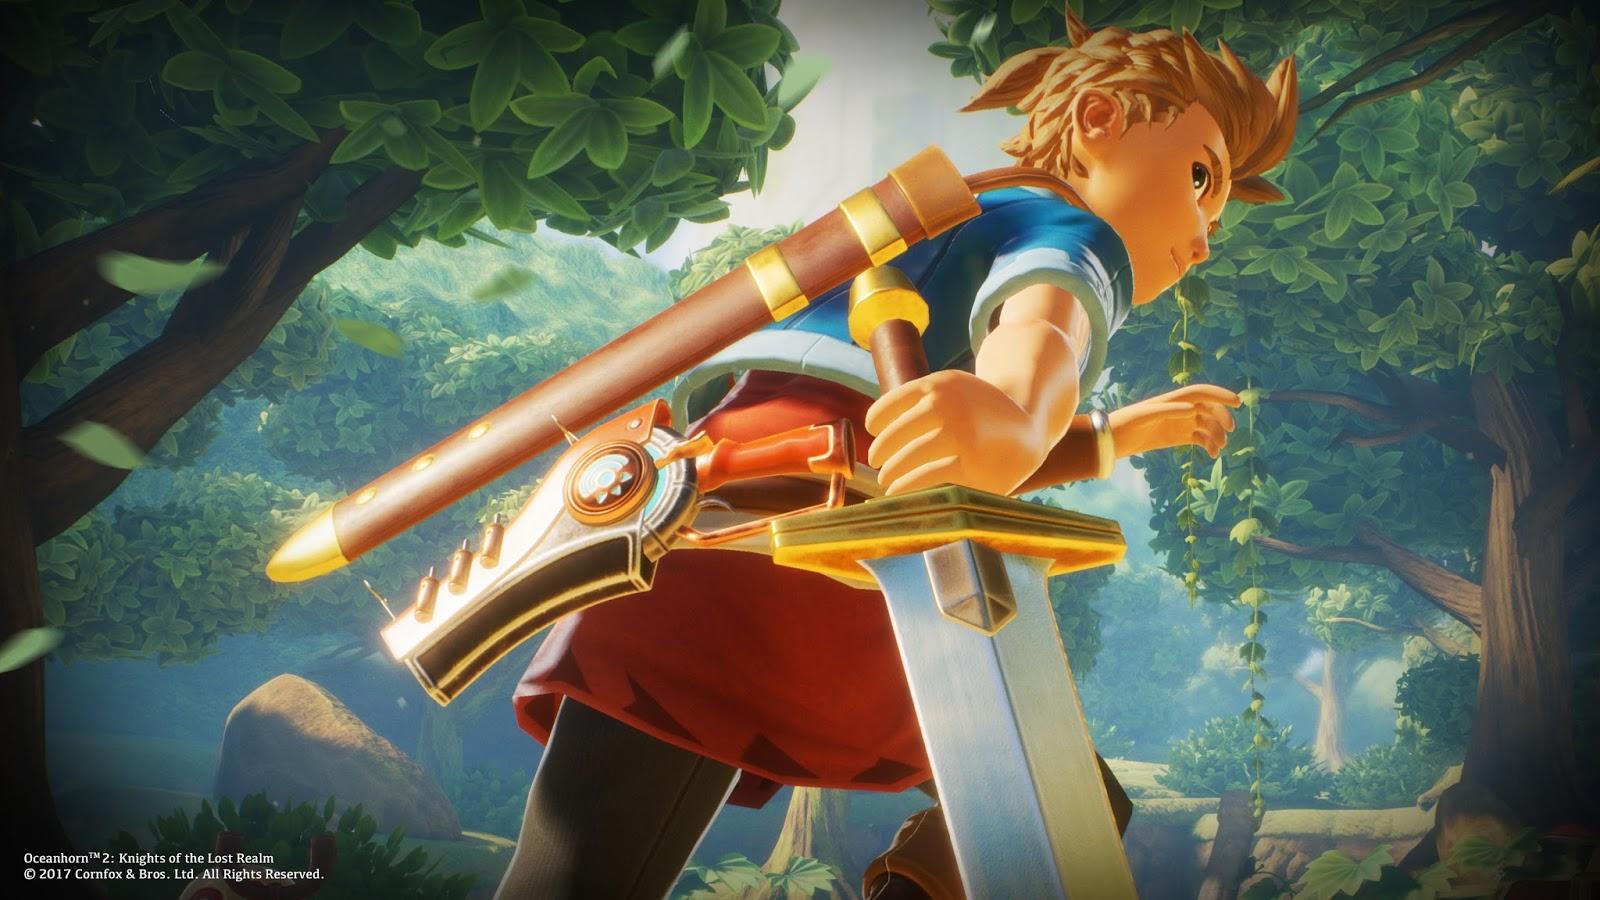 Cheers Girl Wallpaper Oceanhorn The Adventure Game